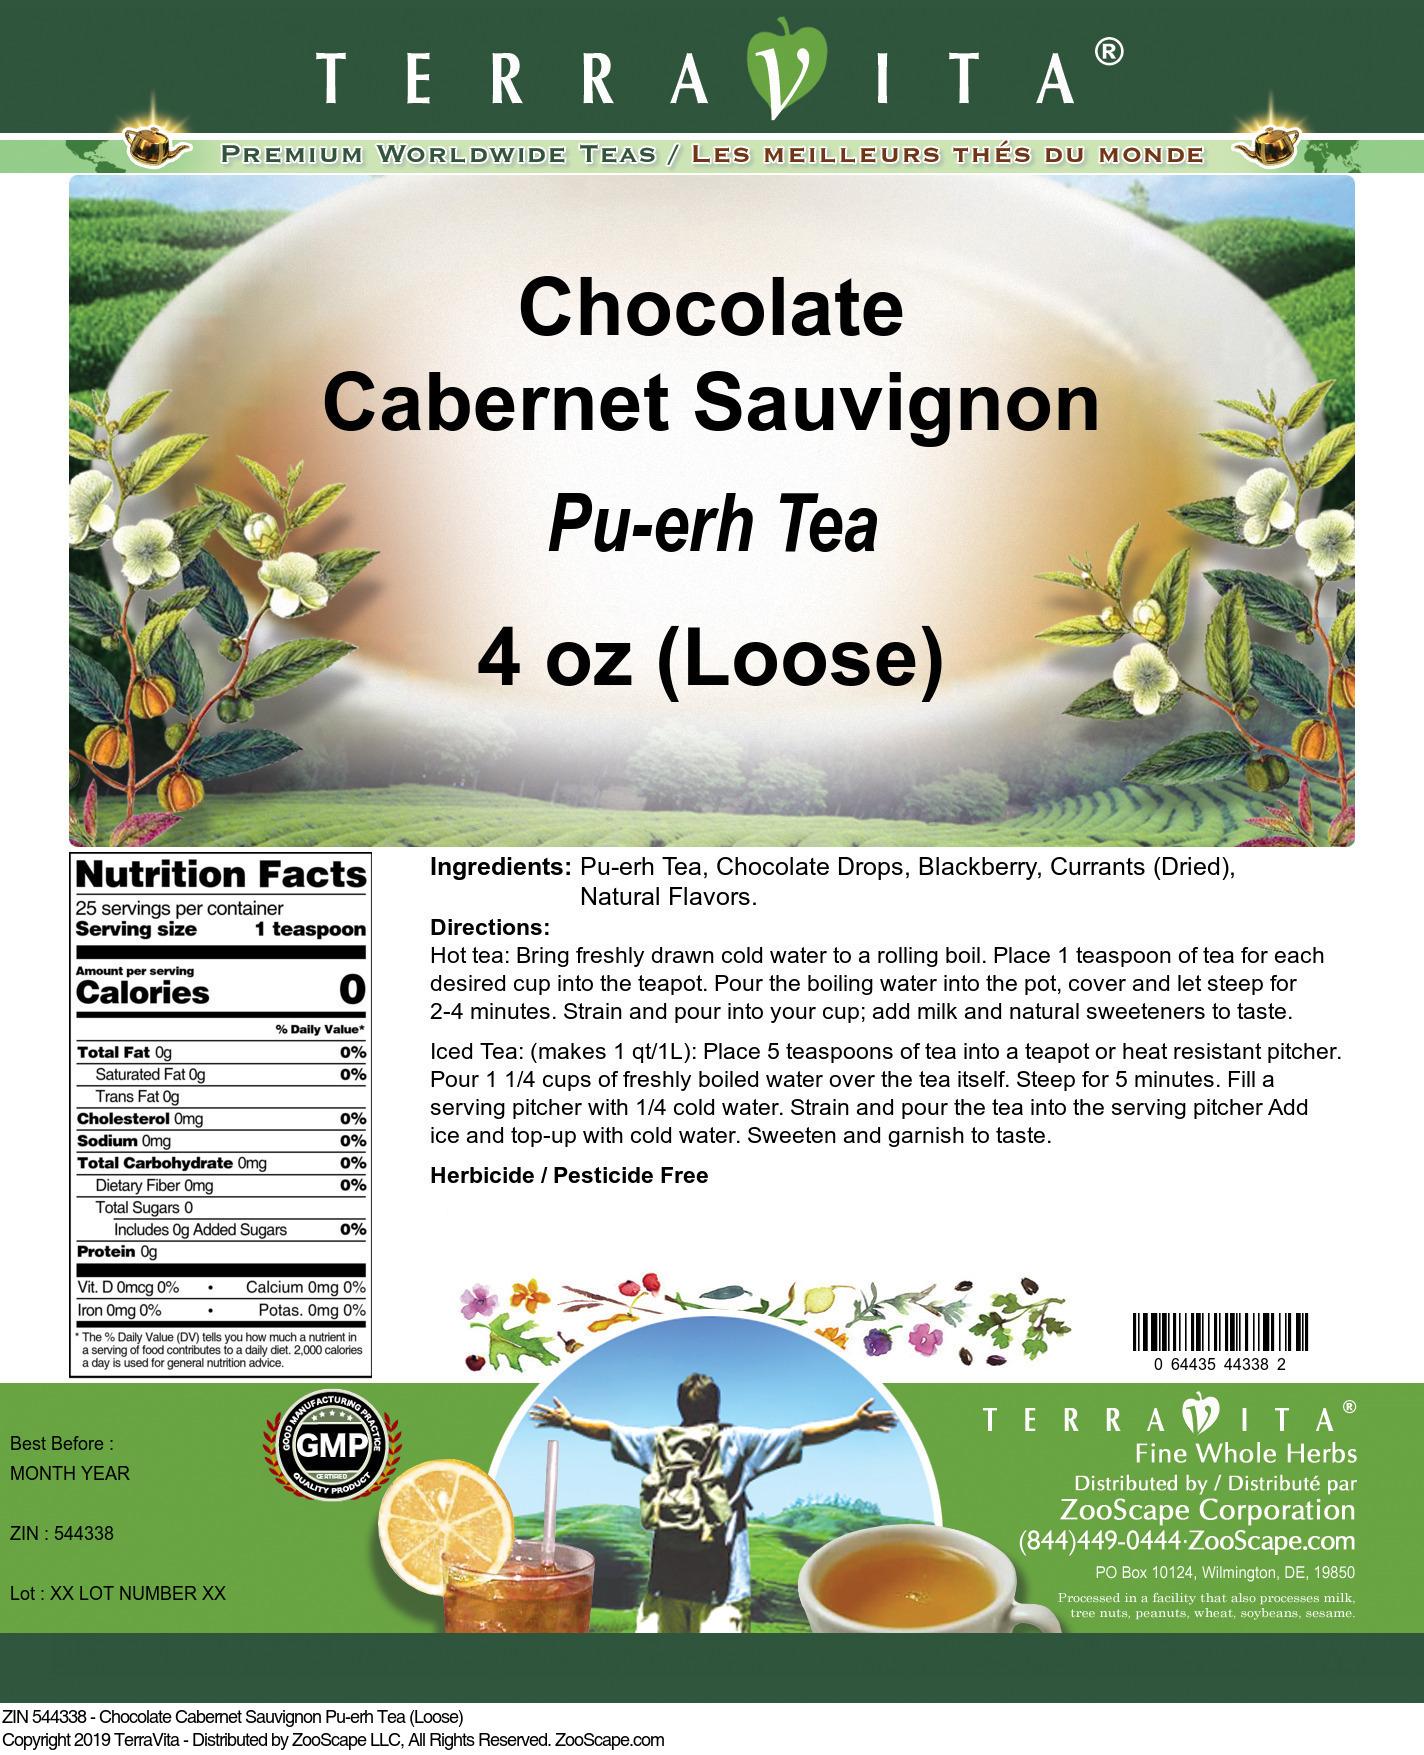 Chocolate Cabernet Sauvignon Pu-erh Tea (Loose)